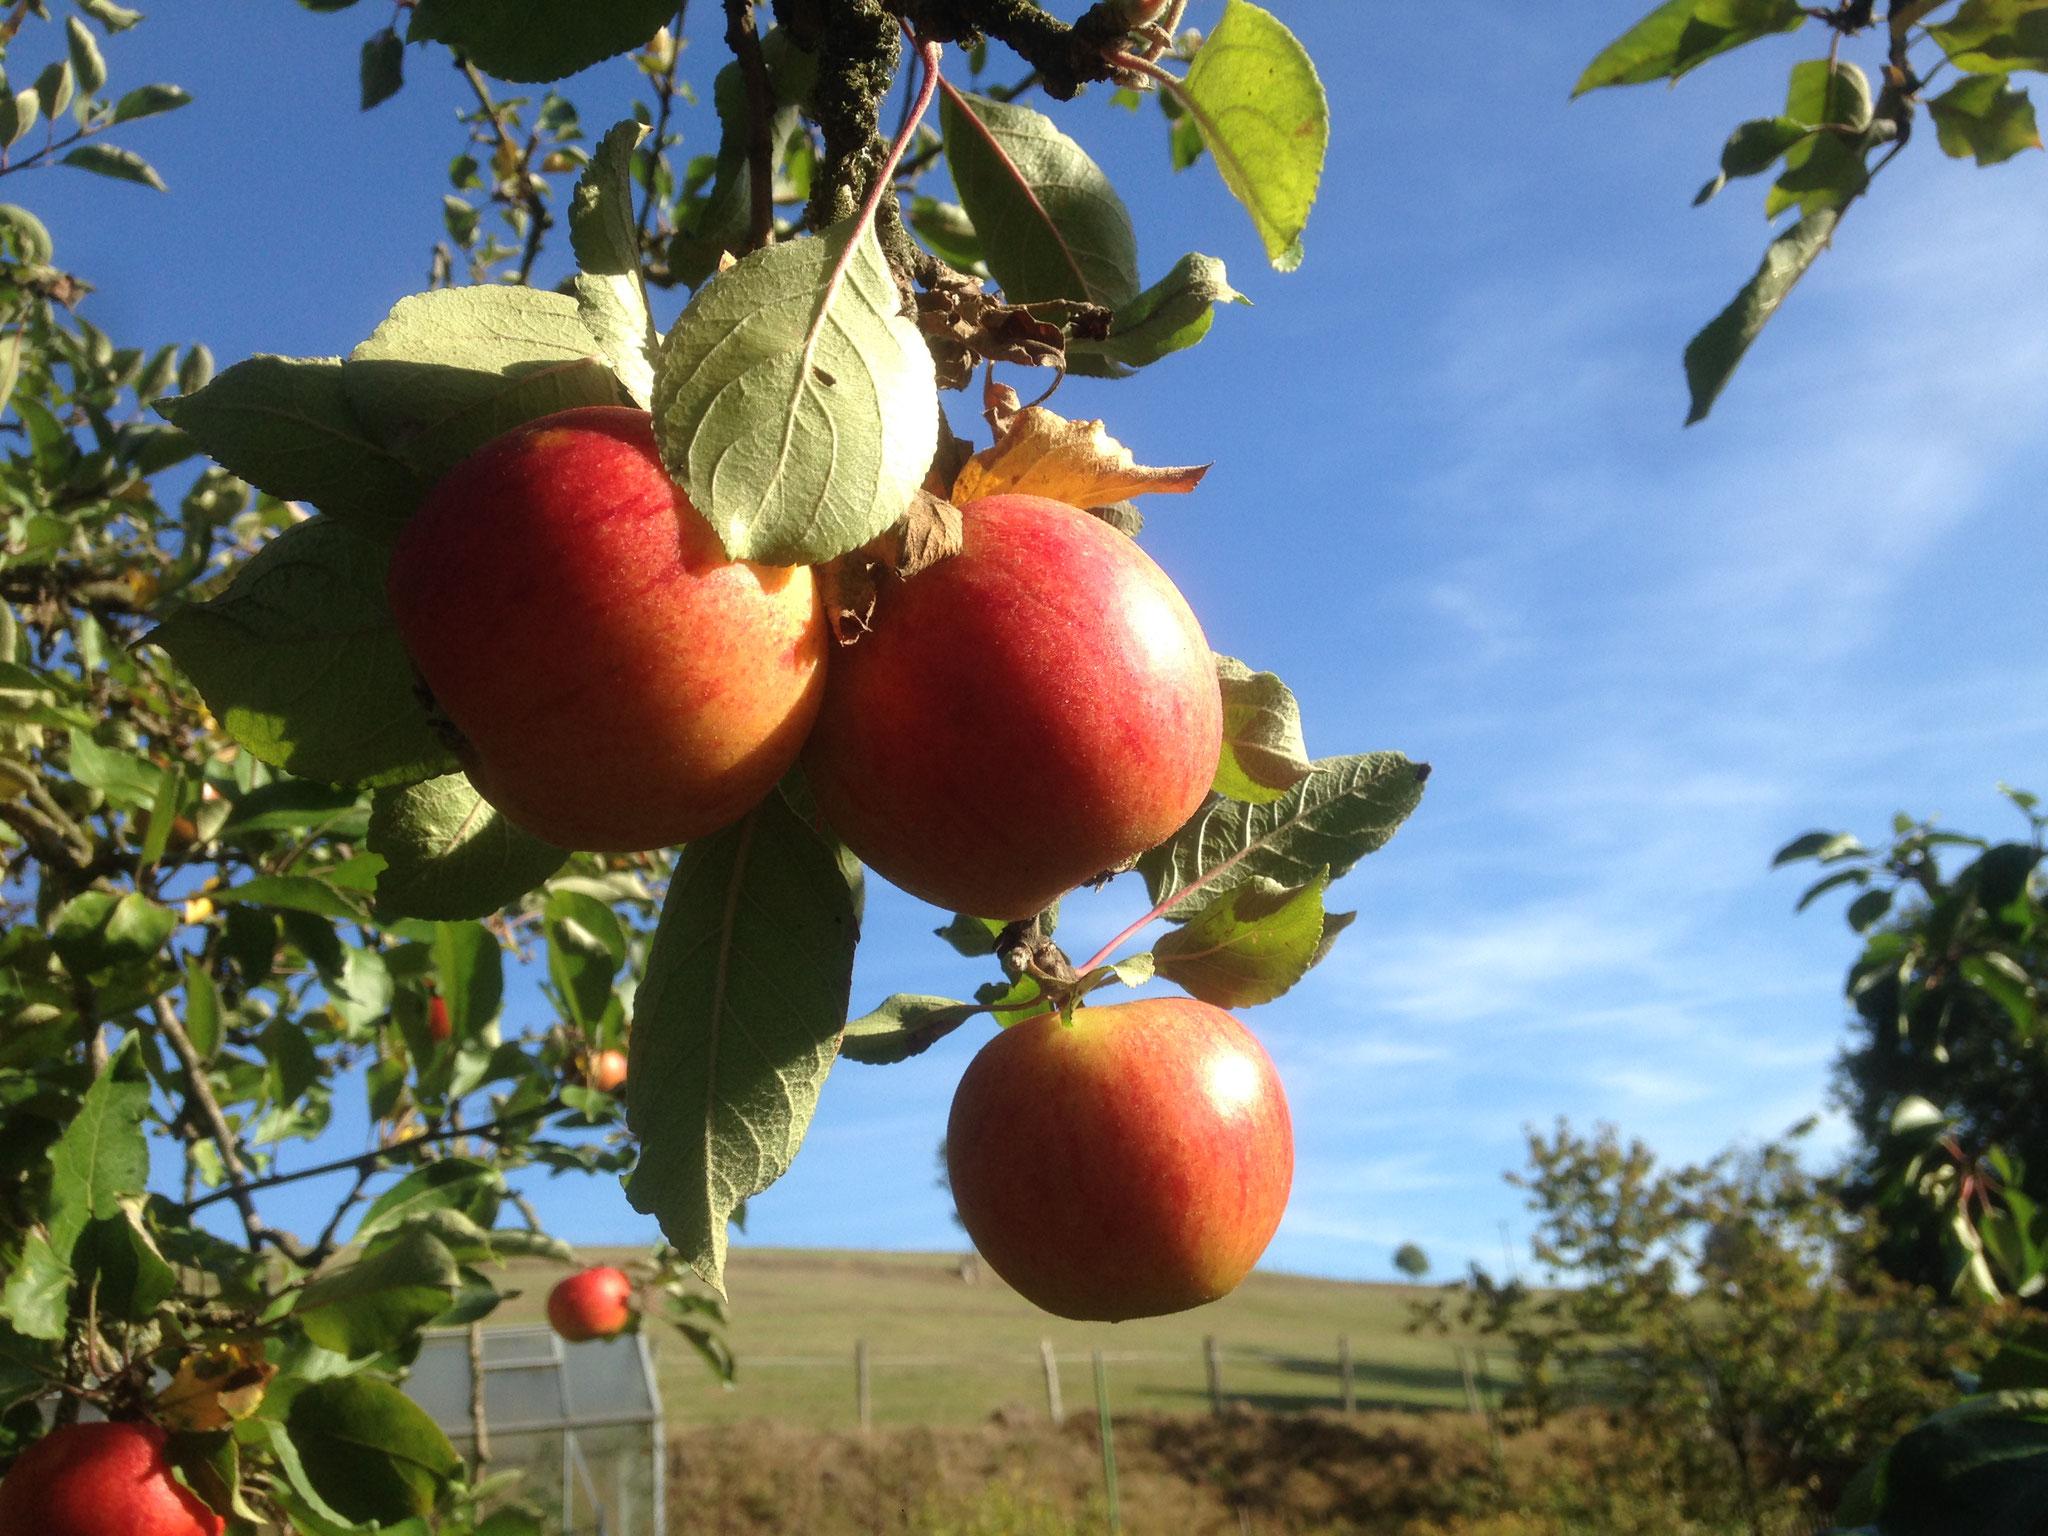 Oktober - reiche Apfelernte